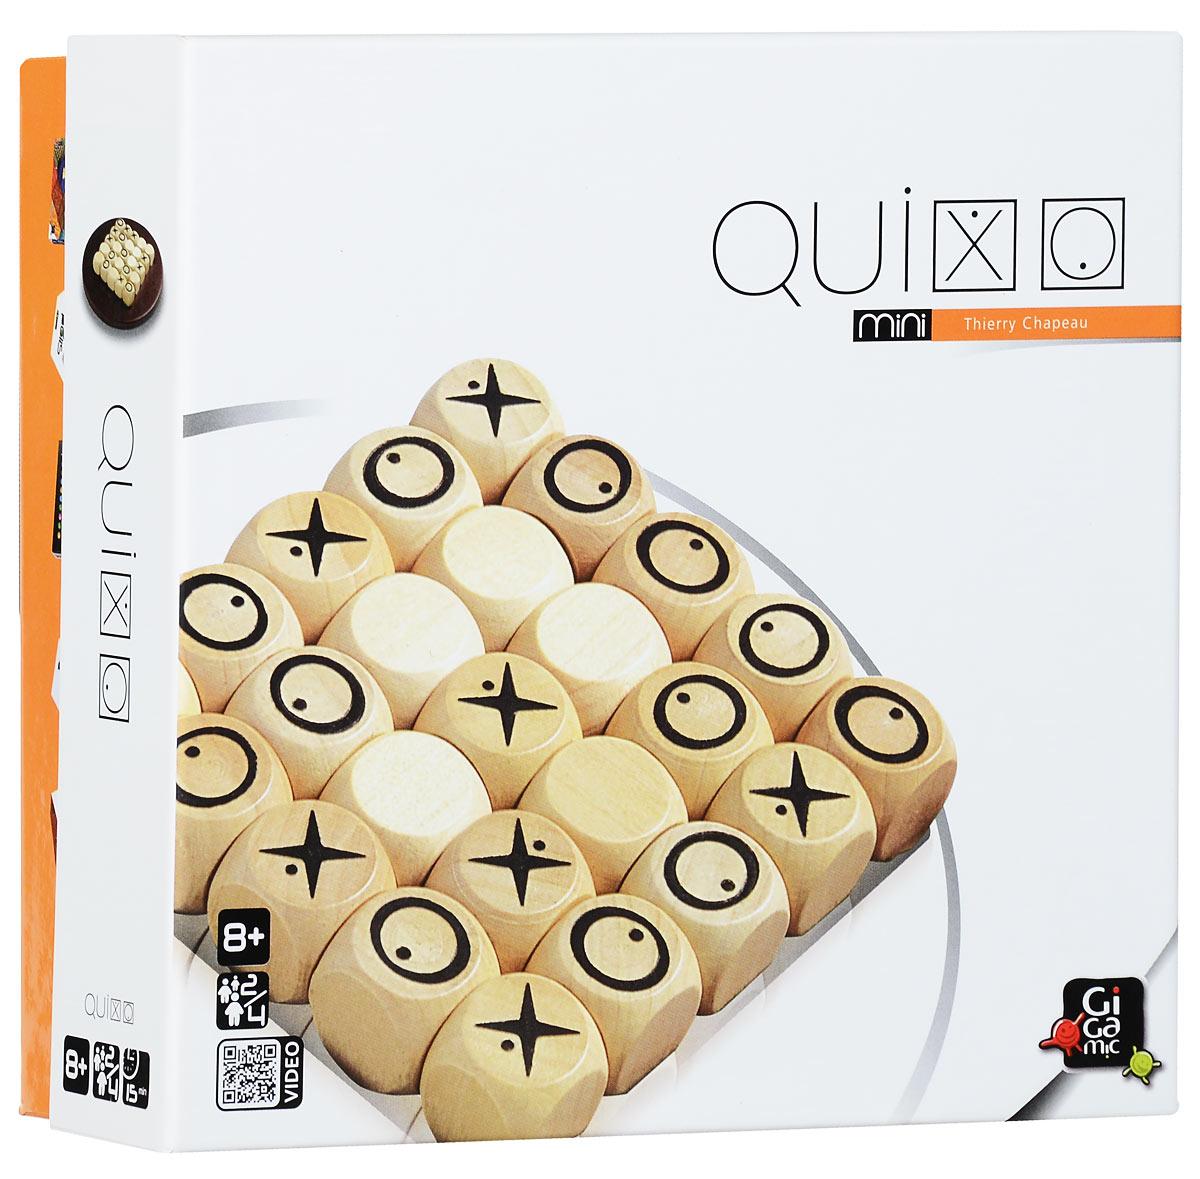 Gigamic Настольная игра Quixo MiniУТ000000178Настольная игра Gigamic Quixo Mini предназначается для детей в возрасте от восьми лет. Рассчитана на 2-4 игроков. Подготовка к игре: Игровое поле и 25 деревянных кубиков. На одной стороне кубика изображен крестик, на другой - нолик; остальные стороны кубика пустые. В игре символ имеет значение только тогда, когда он находится на верхней стороне кубика. Точки у символов имеют значение только в командной игре. В начале игры все 25 кубиков разместите на игровом поле пустой стороной вверх. Игроки (или команды) выбирают символ и определяют, кто начнет игру. Цель игры: составить ряд из 5 кубиков со своим символом по вертикали, горизонтали или диагонали.